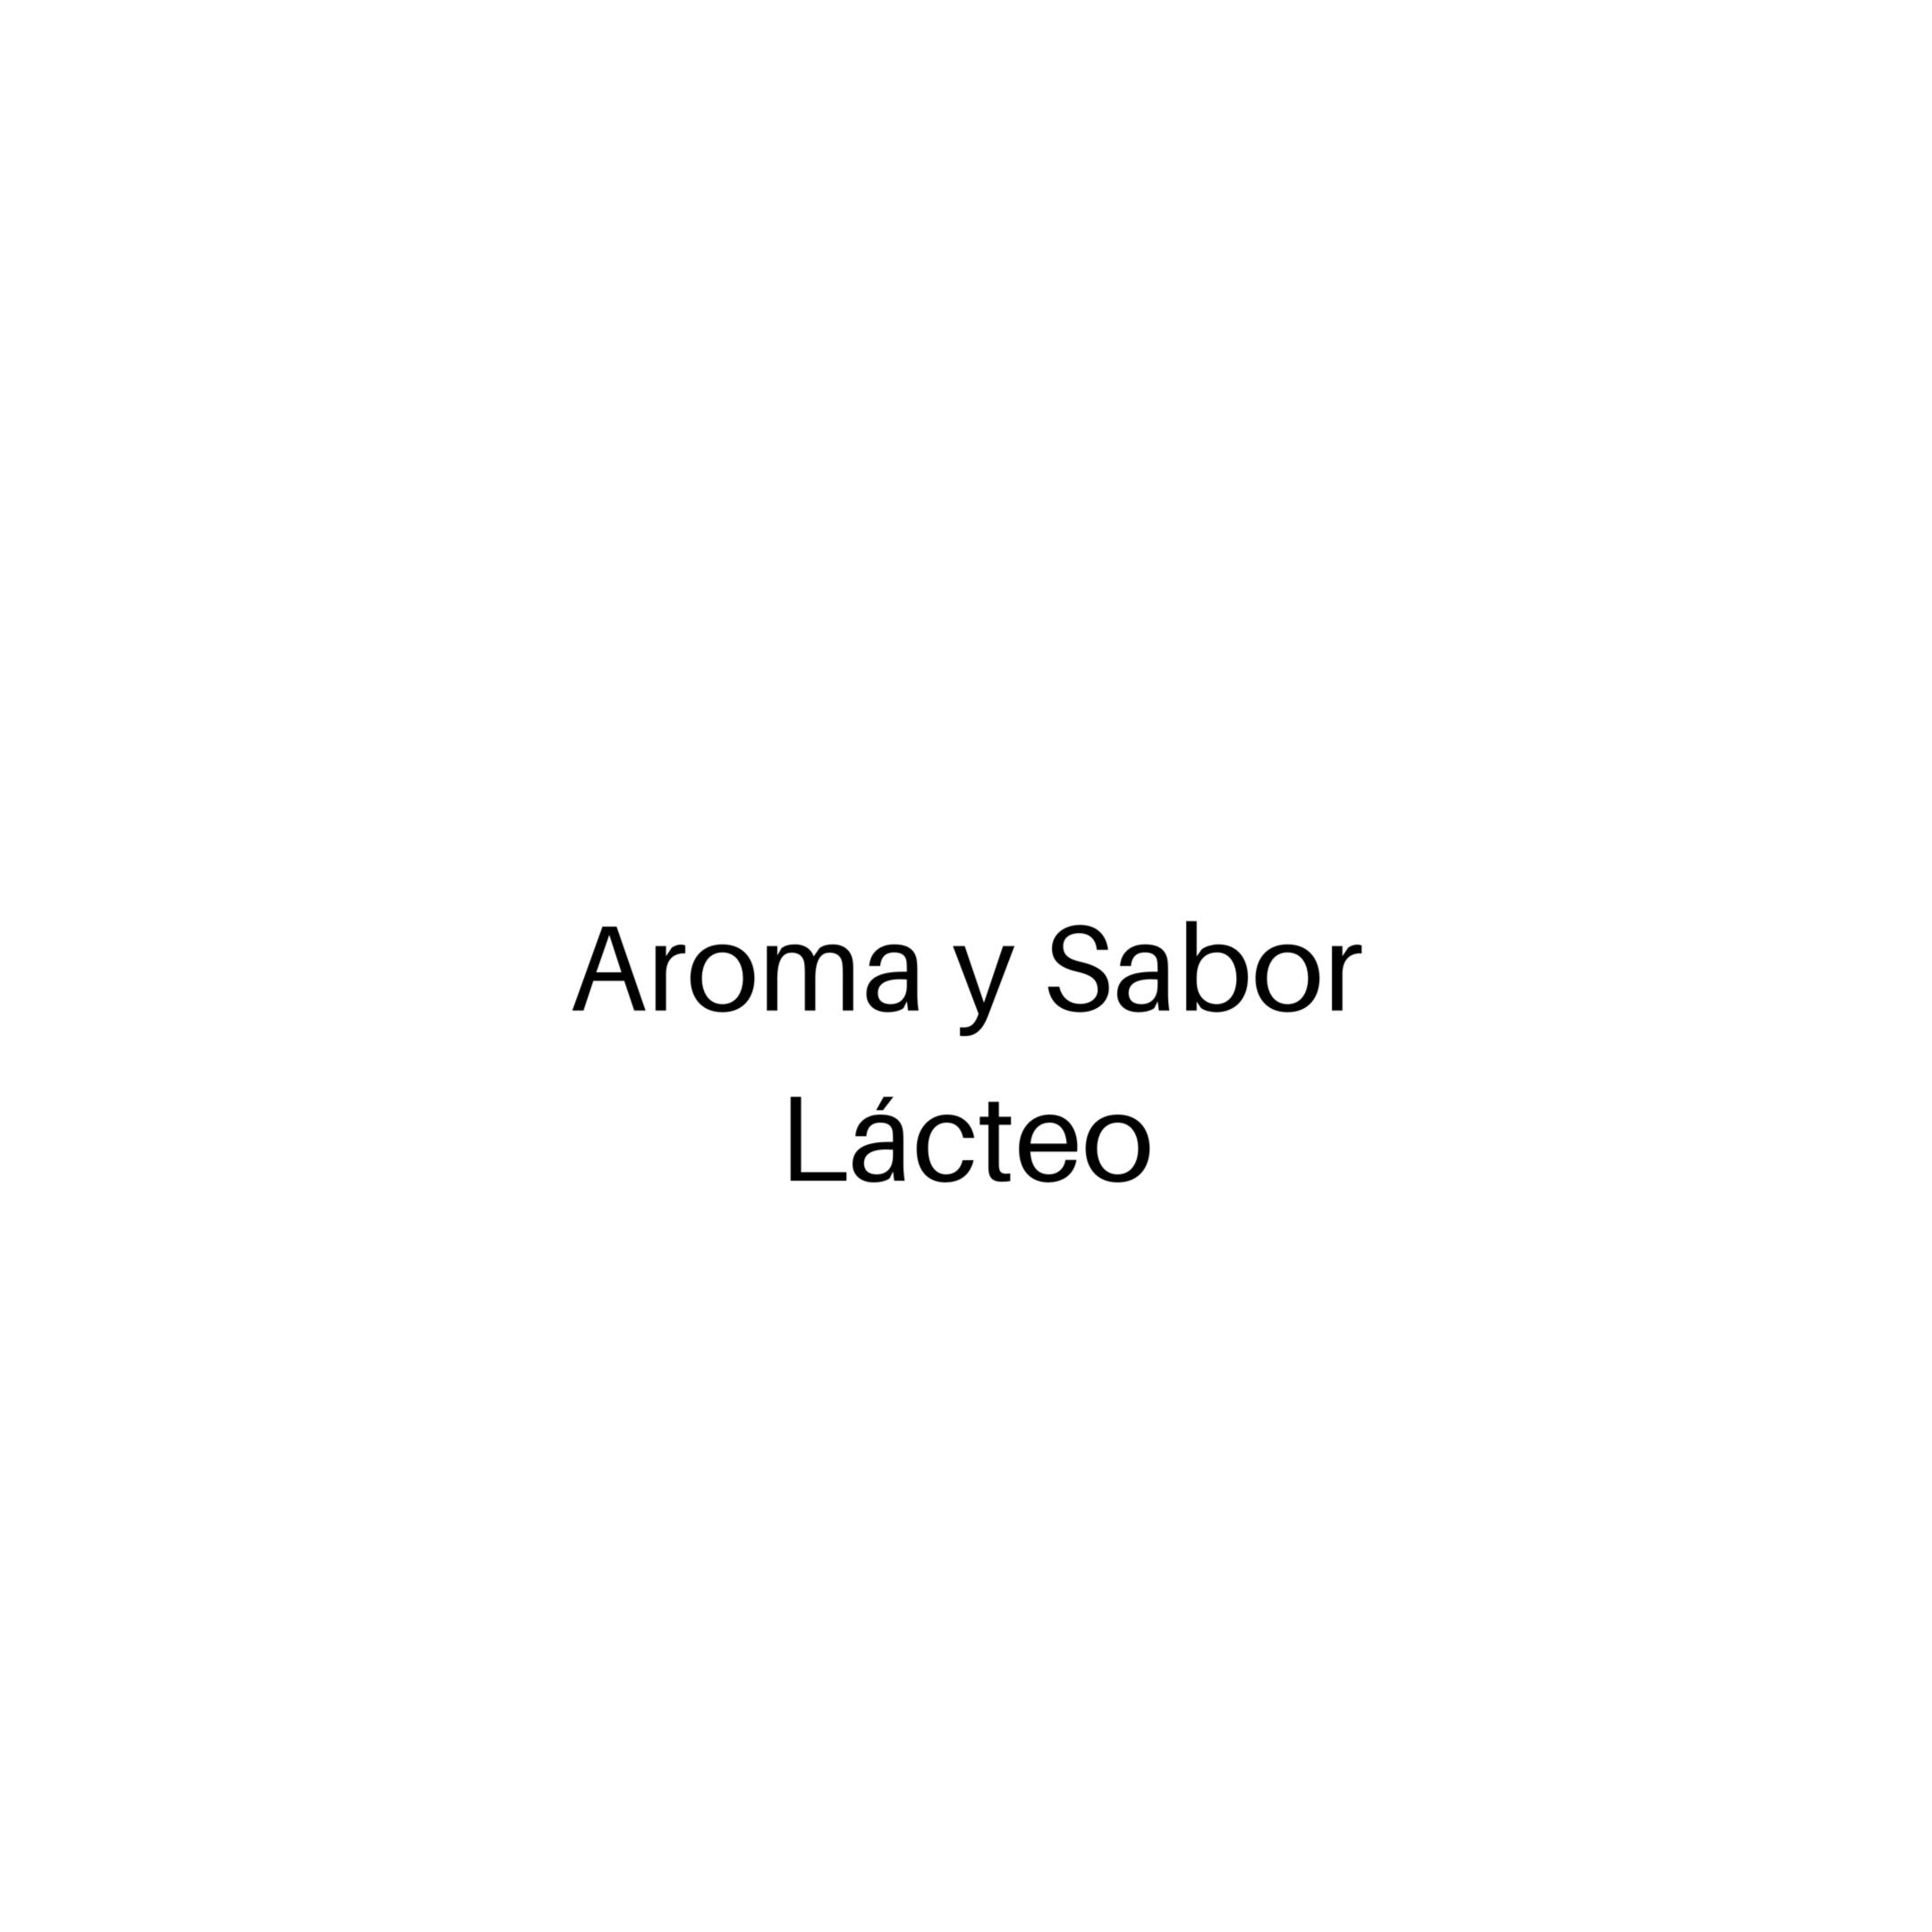 Aroma y Sabor Marcado